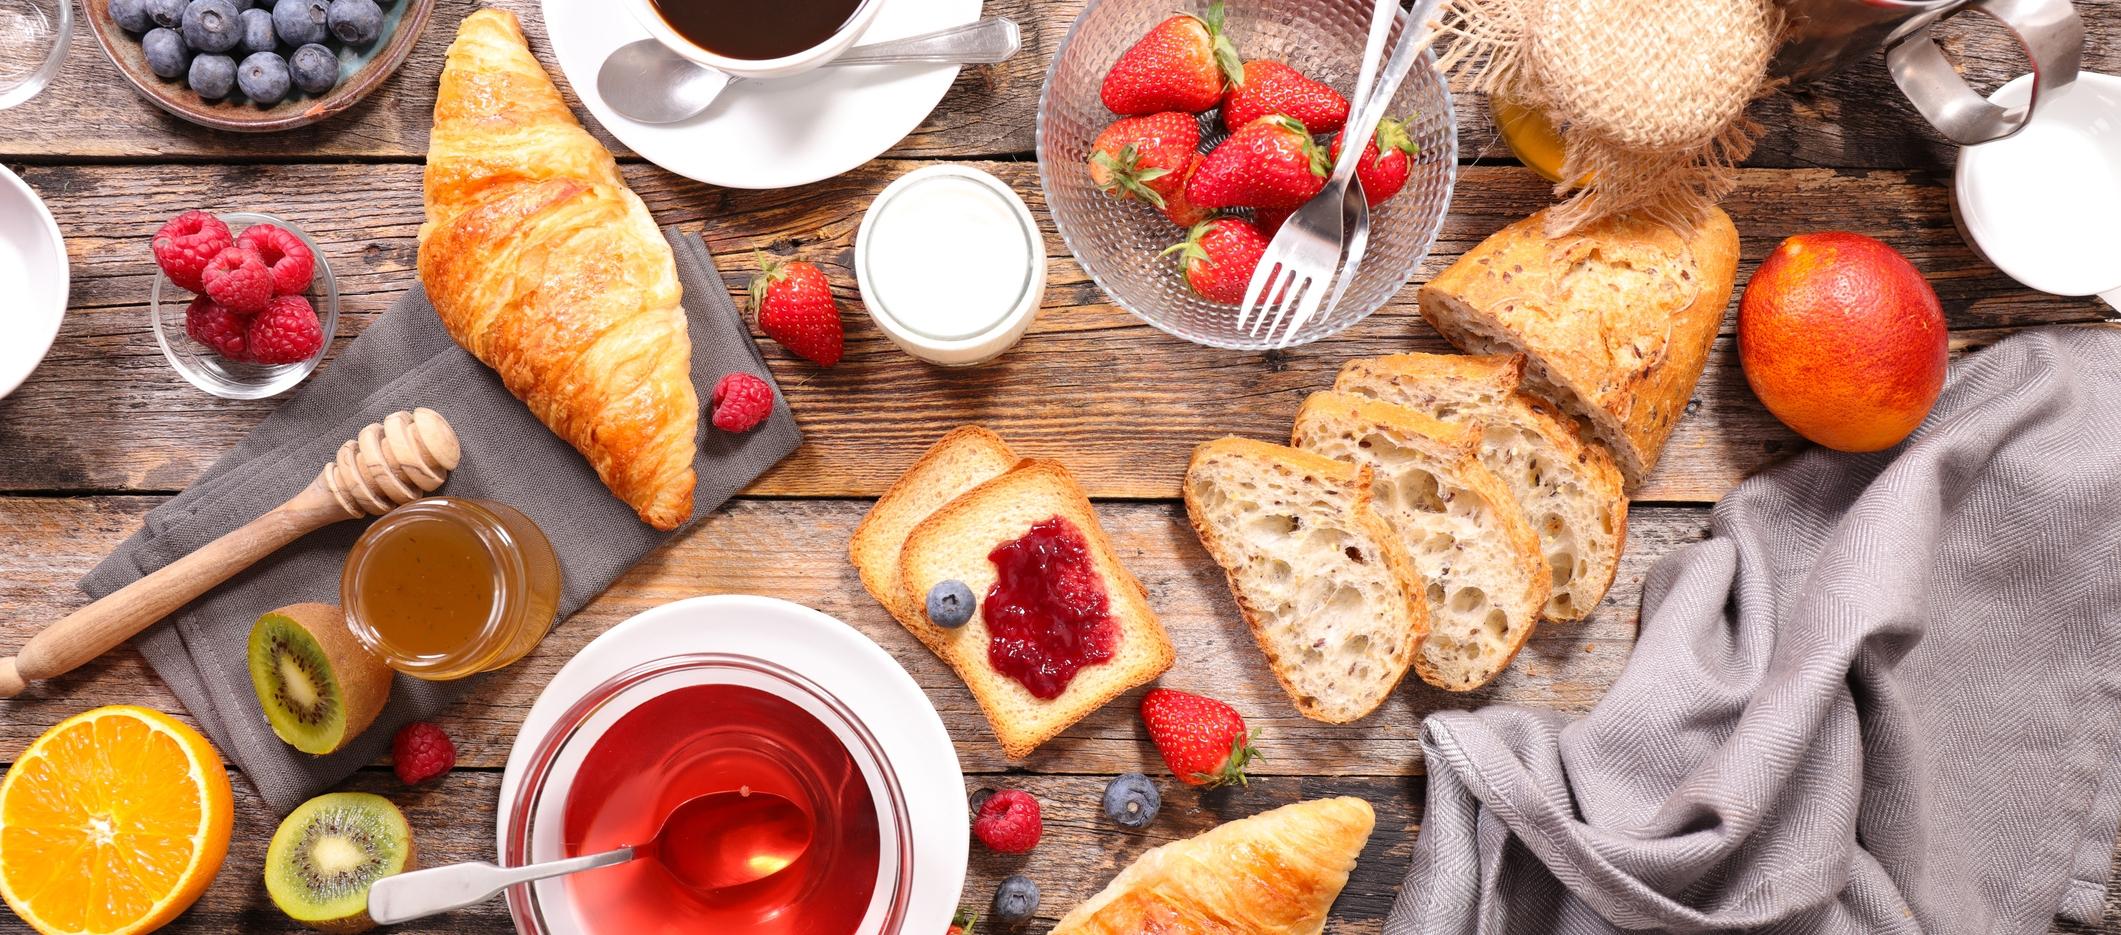 vivez-plus-longtemps-en-mangeant-un-bon-petit-dejeuner-le-petit-dejeuner.jpg.jpg